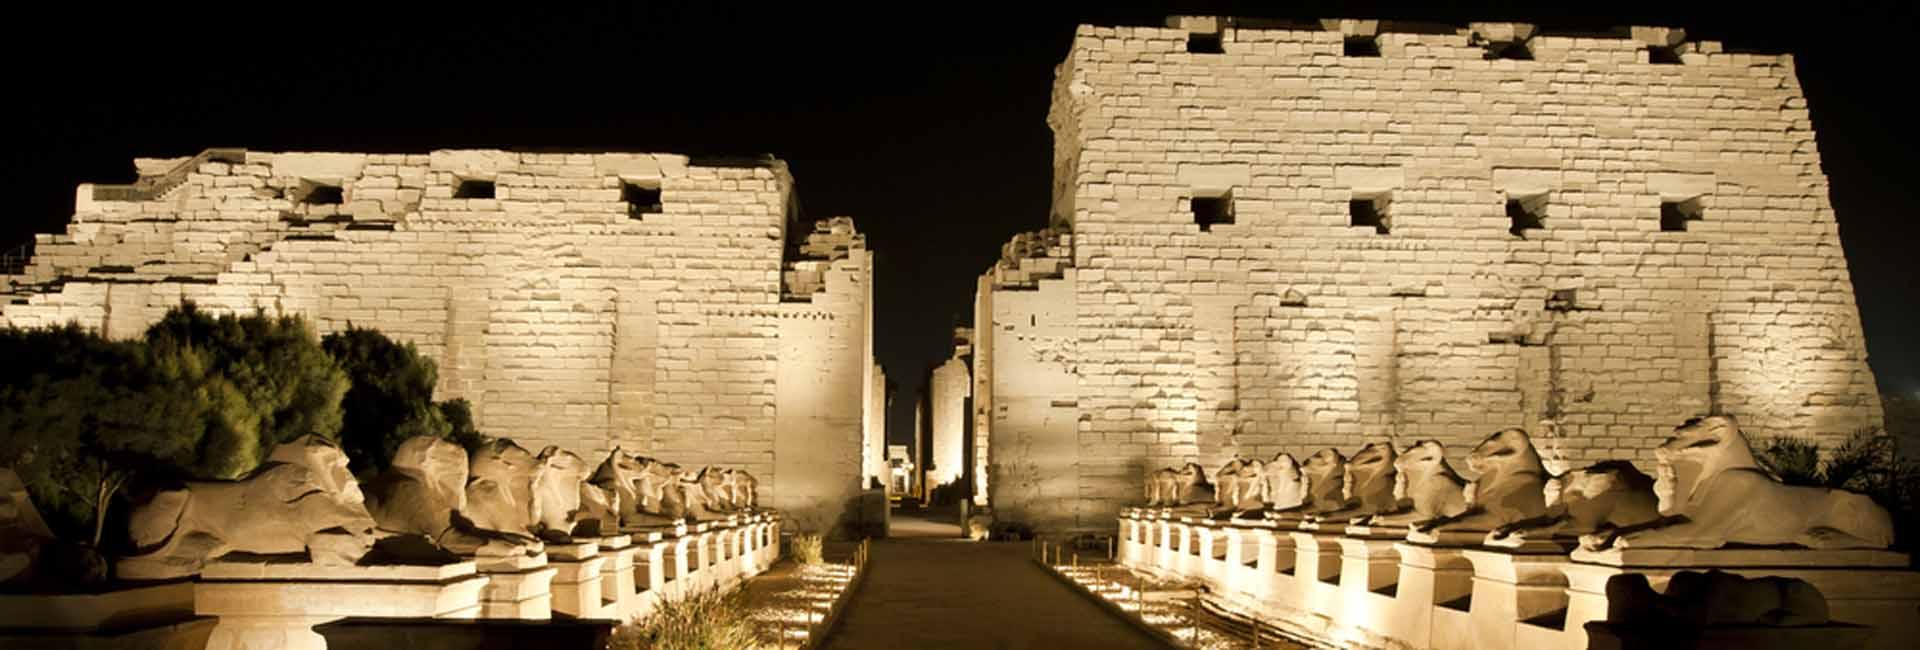 Luxor Sound And Light Show